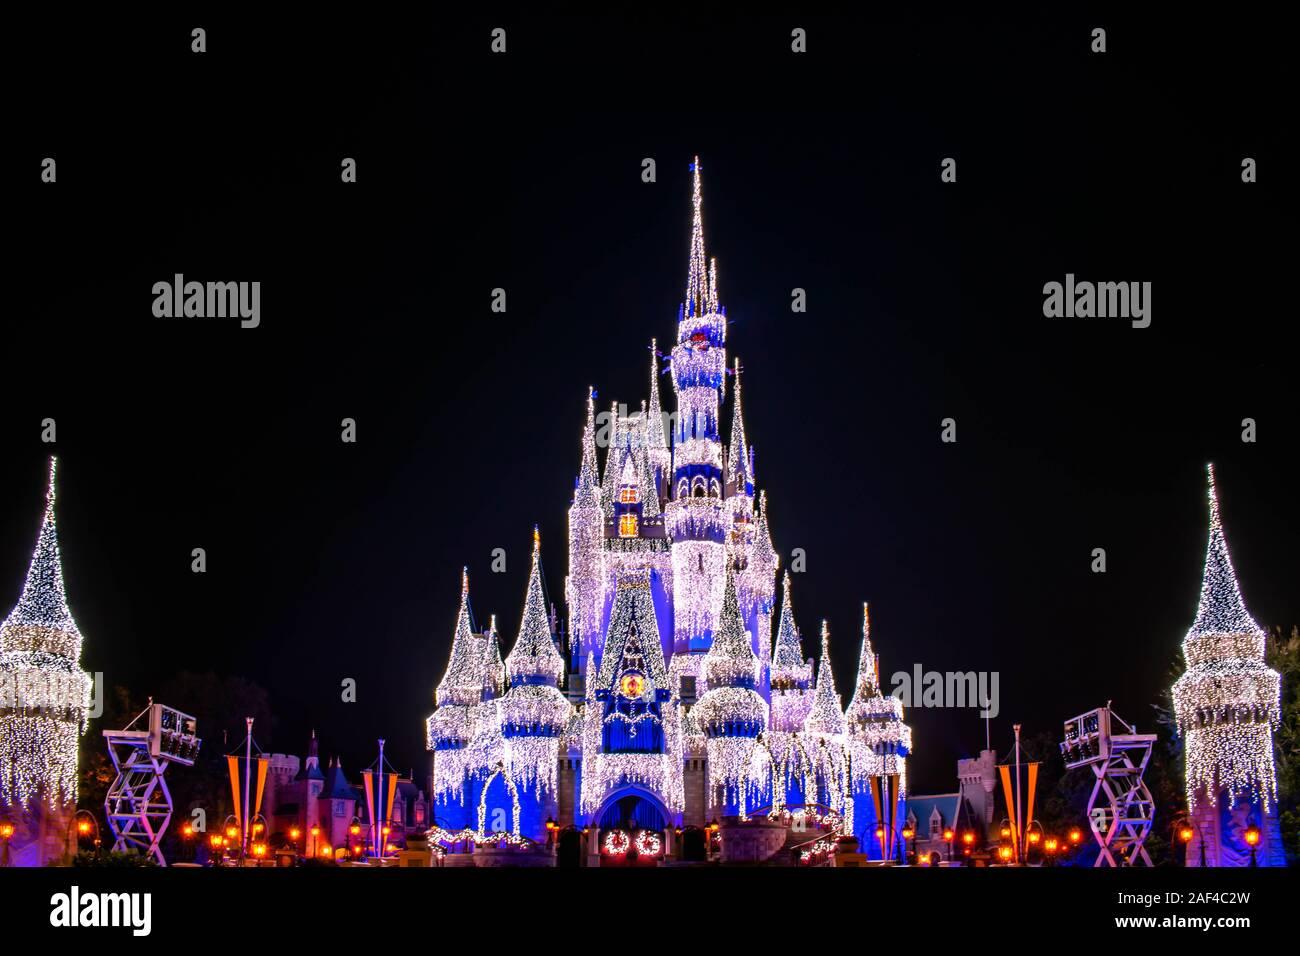 Orlando, Florida. Diciembre 05, 2019 . Vistas panorámicas del Castillo de Cenicienta iluminado en temporadas de Navidad en Magic Kingdom Foto de stock